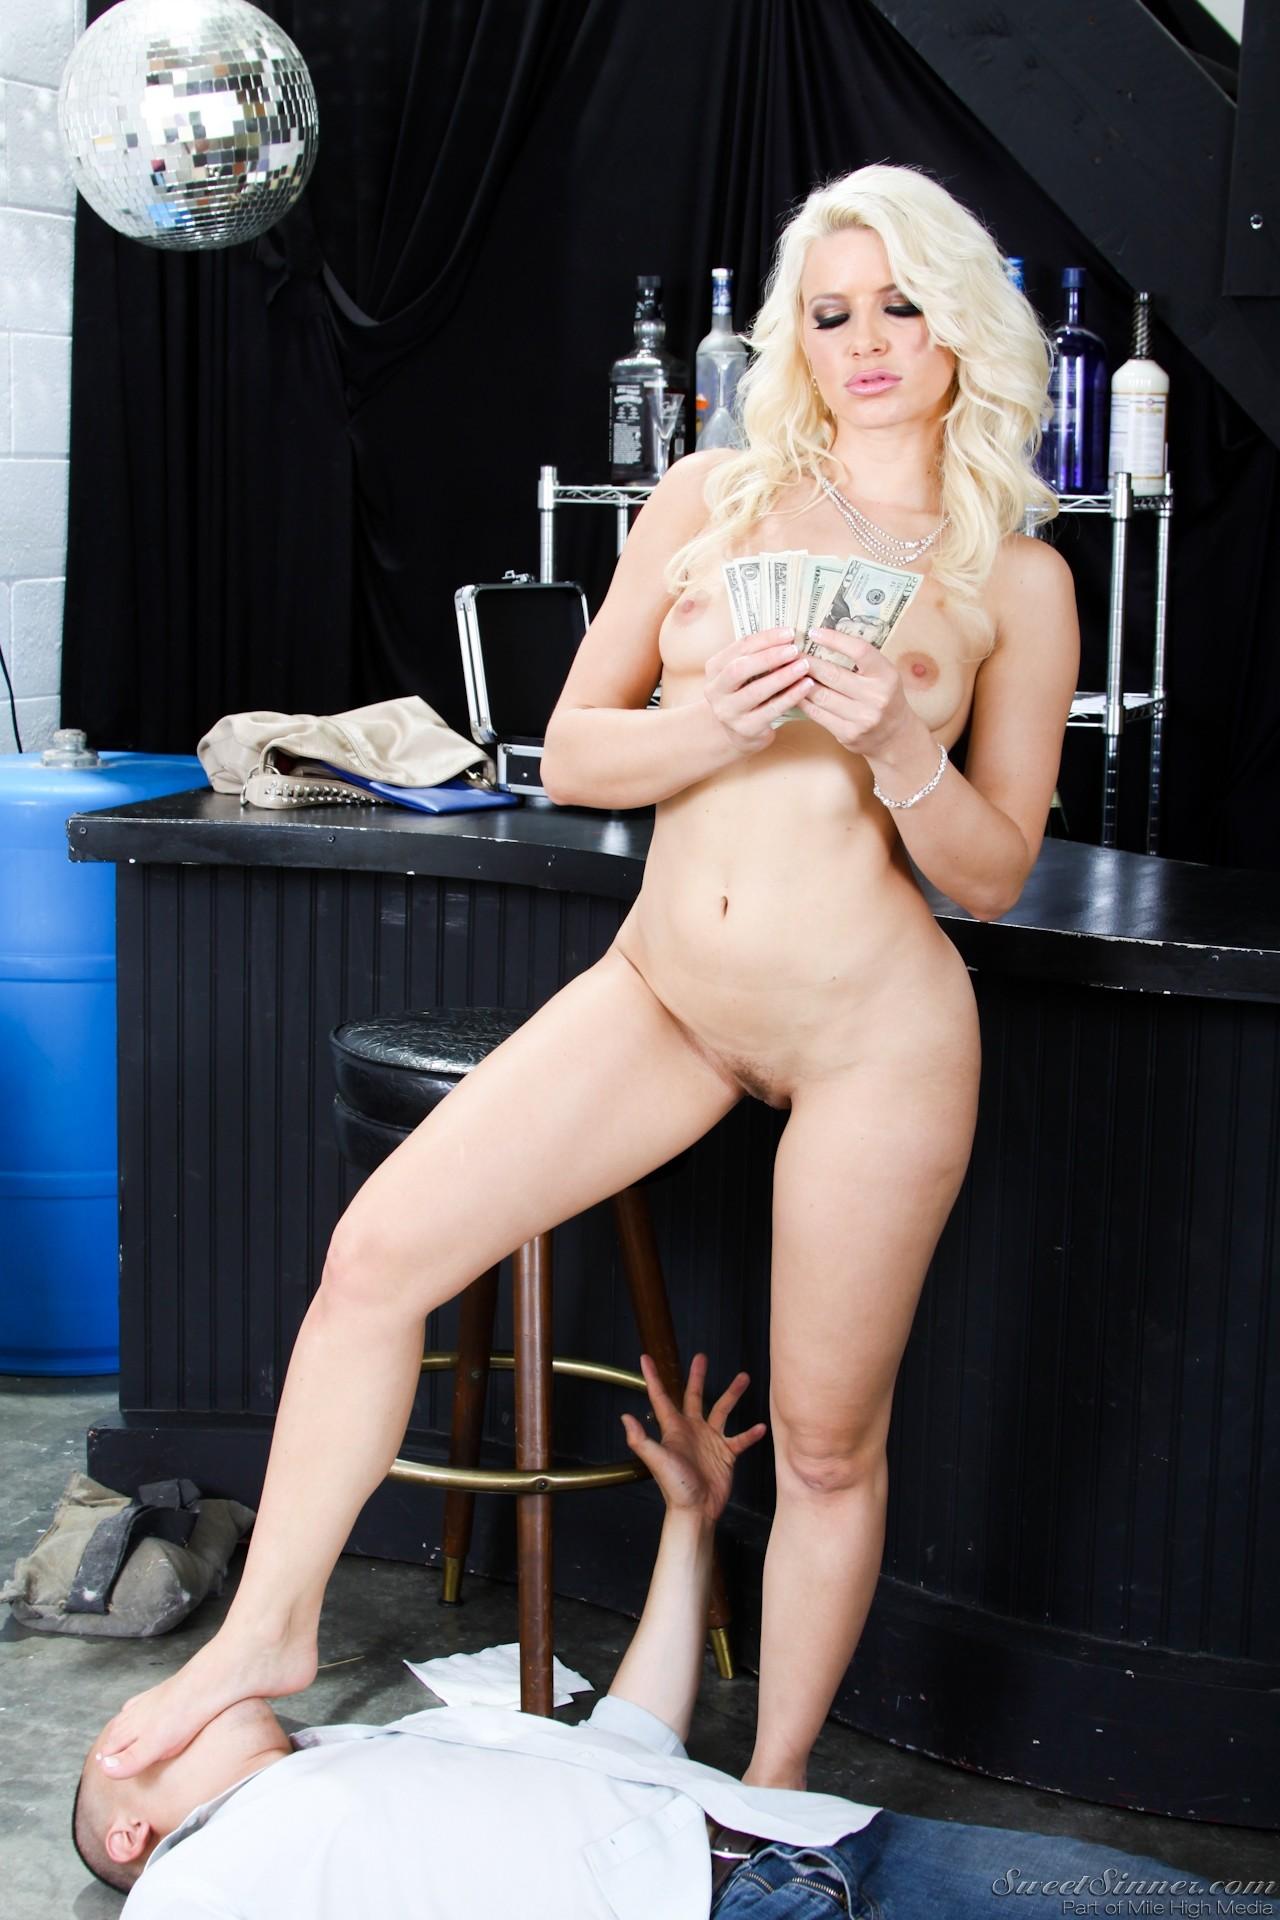 naked teens young sexy sluty girls